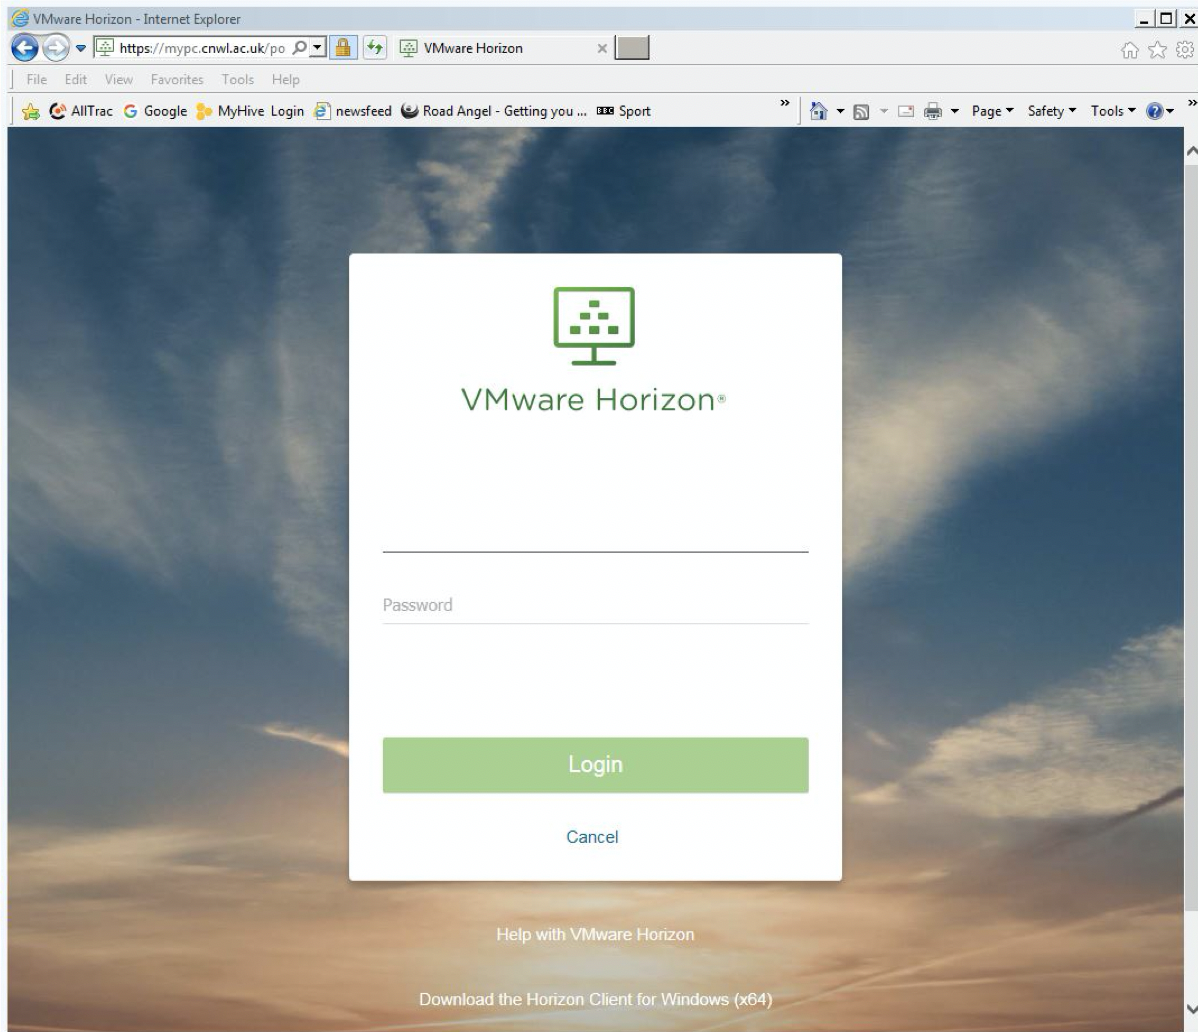 2020-03-17 UCG How to set up VMware Horizon 17